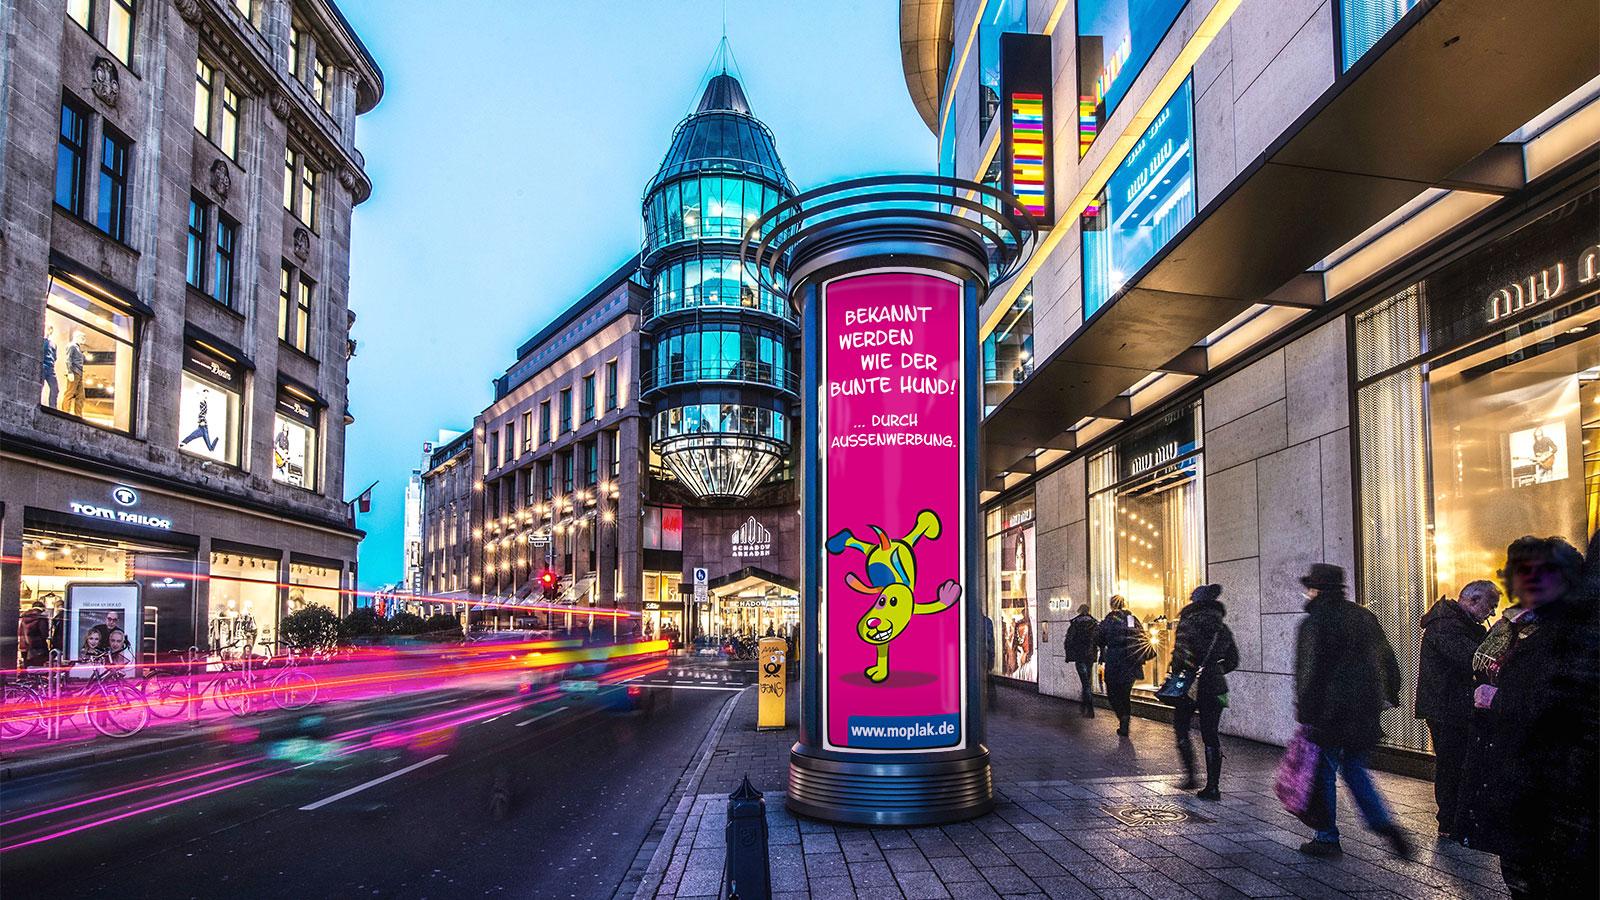 Mannheim-Aussenwerbung-Litfasssaeule-Werbung